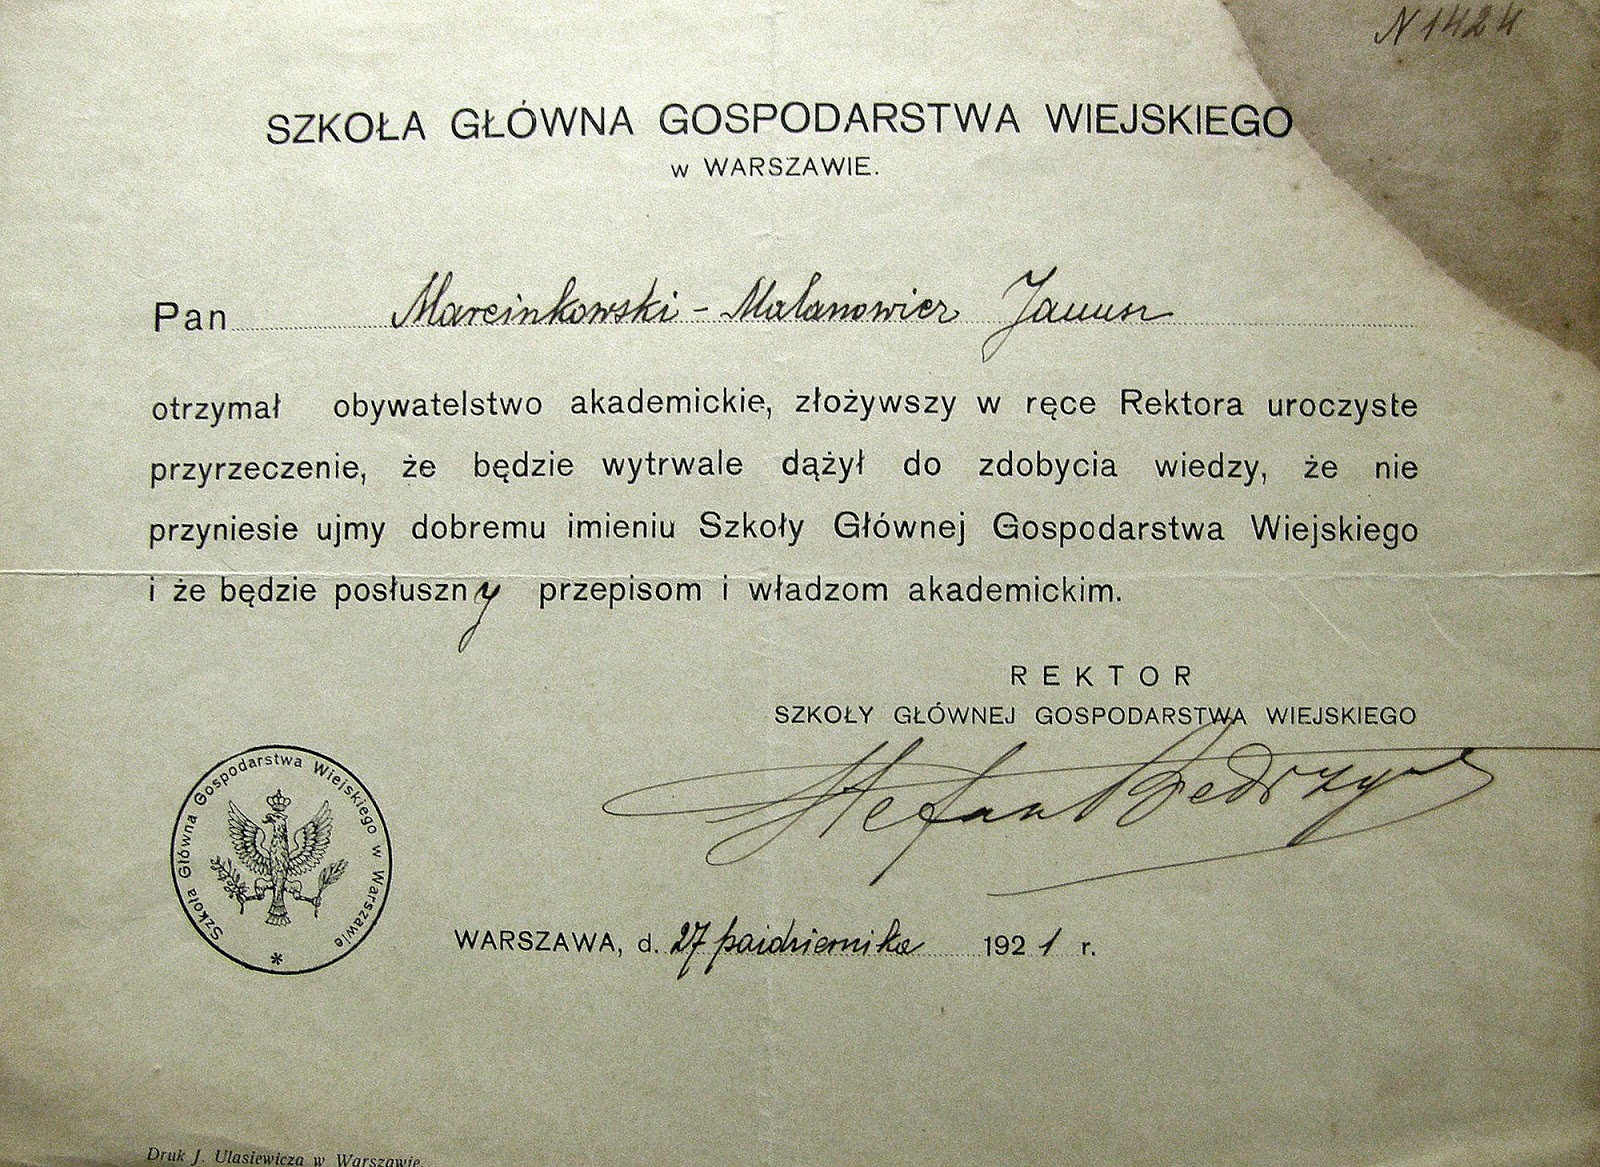 """Janusz Marcinkowski-Malanowicz """"otrzymał obywatelstwo akademickie"""", 27.10.1921 r. Trzeba dodać, że decyzją Wojewody Kieleckiego z dnia 6.11.1925 r. udzielił zgody na zmianę zgody nazwiska rodowego Marcinkowski na nazwisko Malanowicz. Dokument udostępniła Małgorzata Malanowicz."""